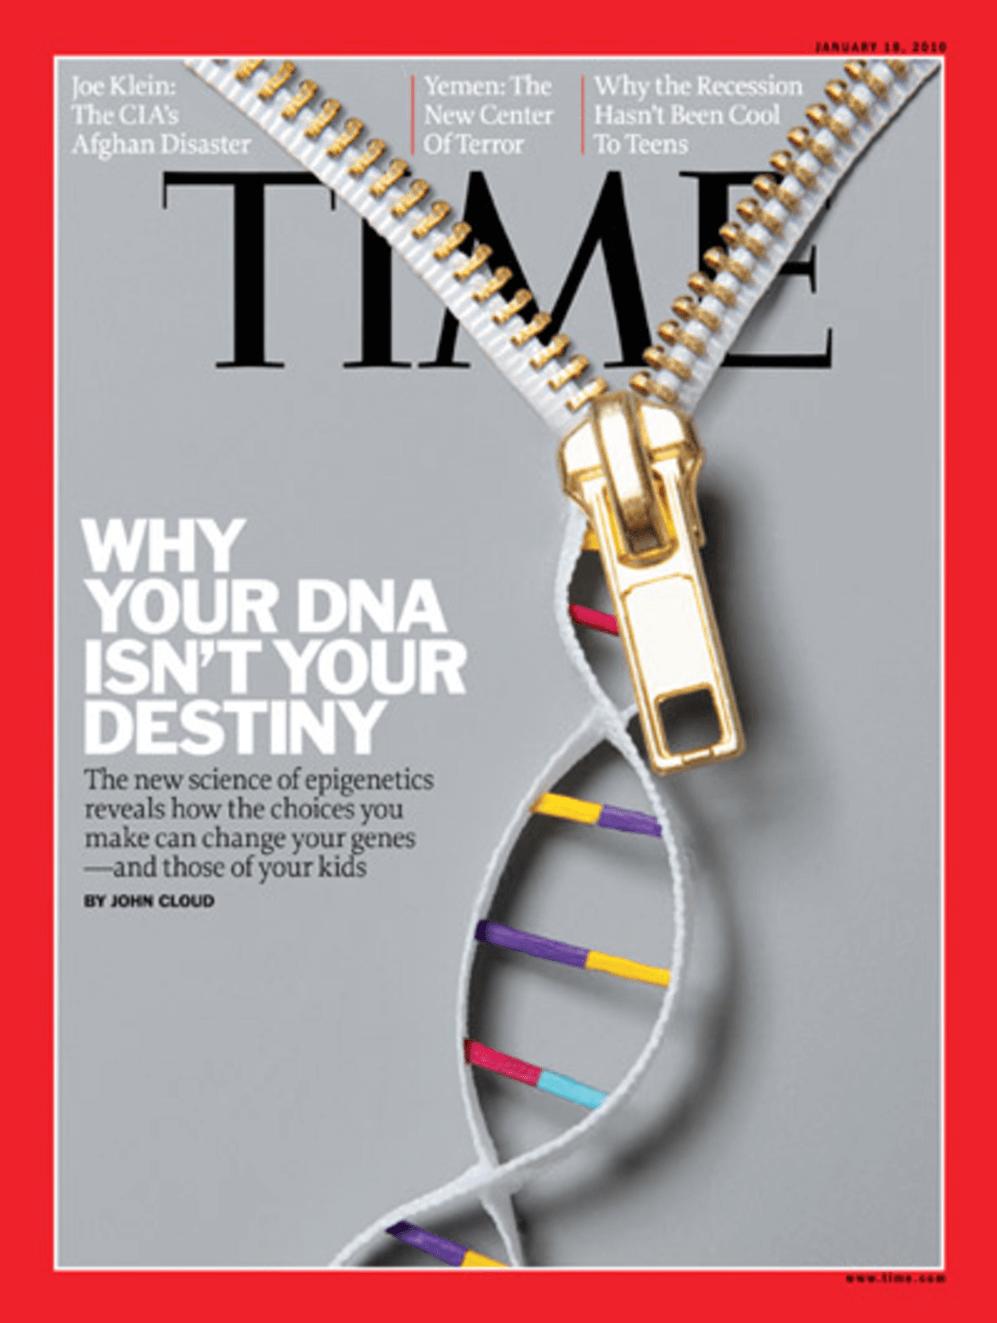 למה ה-DNA שלך לא הגורל שלך. המדע החדש אפיגנטיקה חושף איך הבחירות שלך יכולות לשנות את הגנים שלך - ושל הילדים שלך. ~ מאגזין טיים